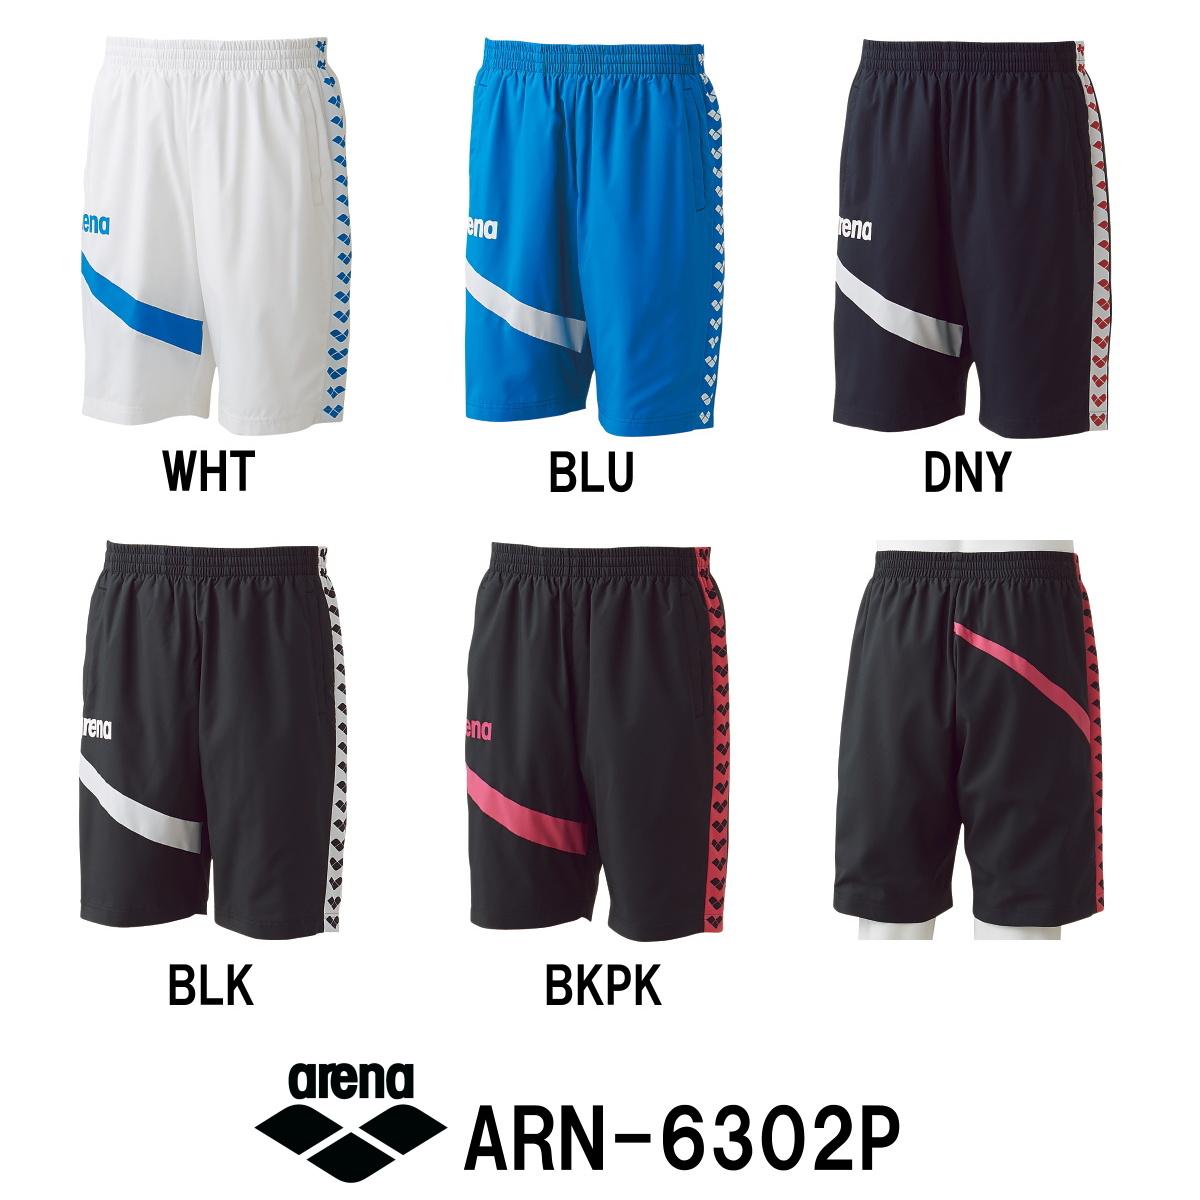 【ARN-6302P】ARENA(アリーナ) ウィンドハーフパンツ[トレーニングウェア/デルタウーブン/メンズ/レディース/レディス/男女共通]